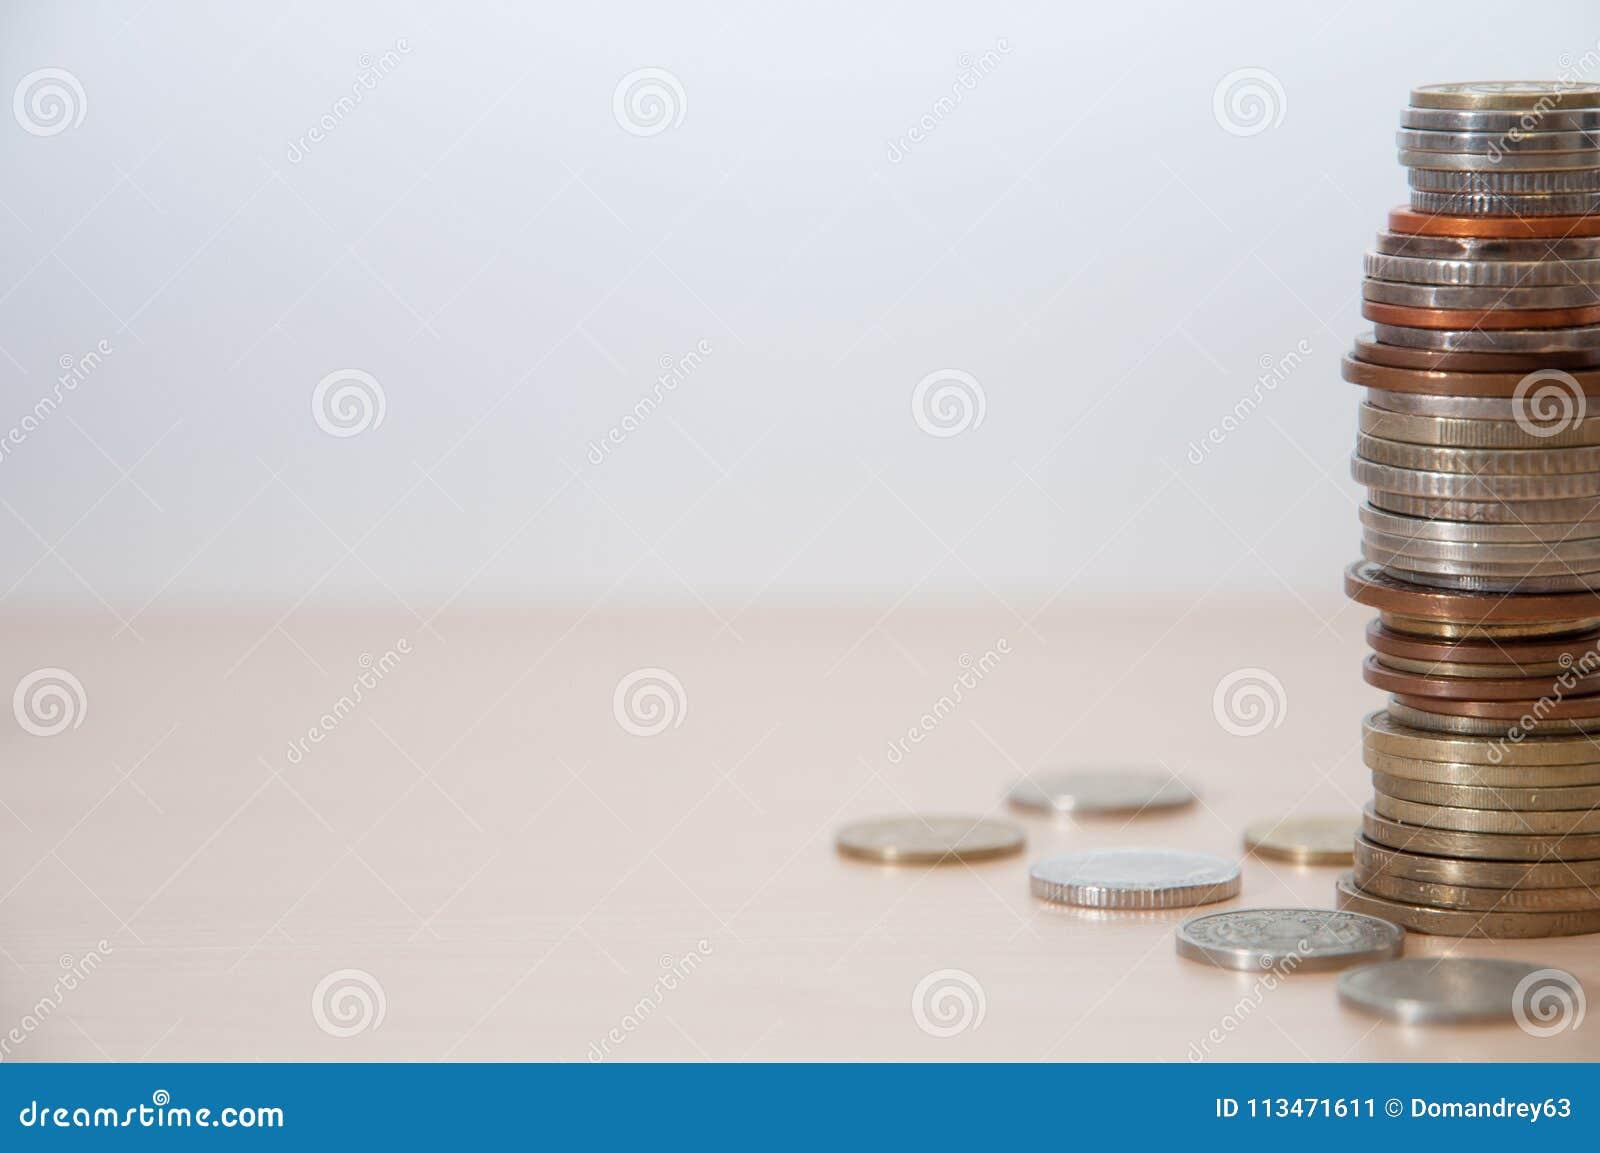 En bunt av mynt av olika länder, färg, värdighet och formatet på rätten på kanten av bilden